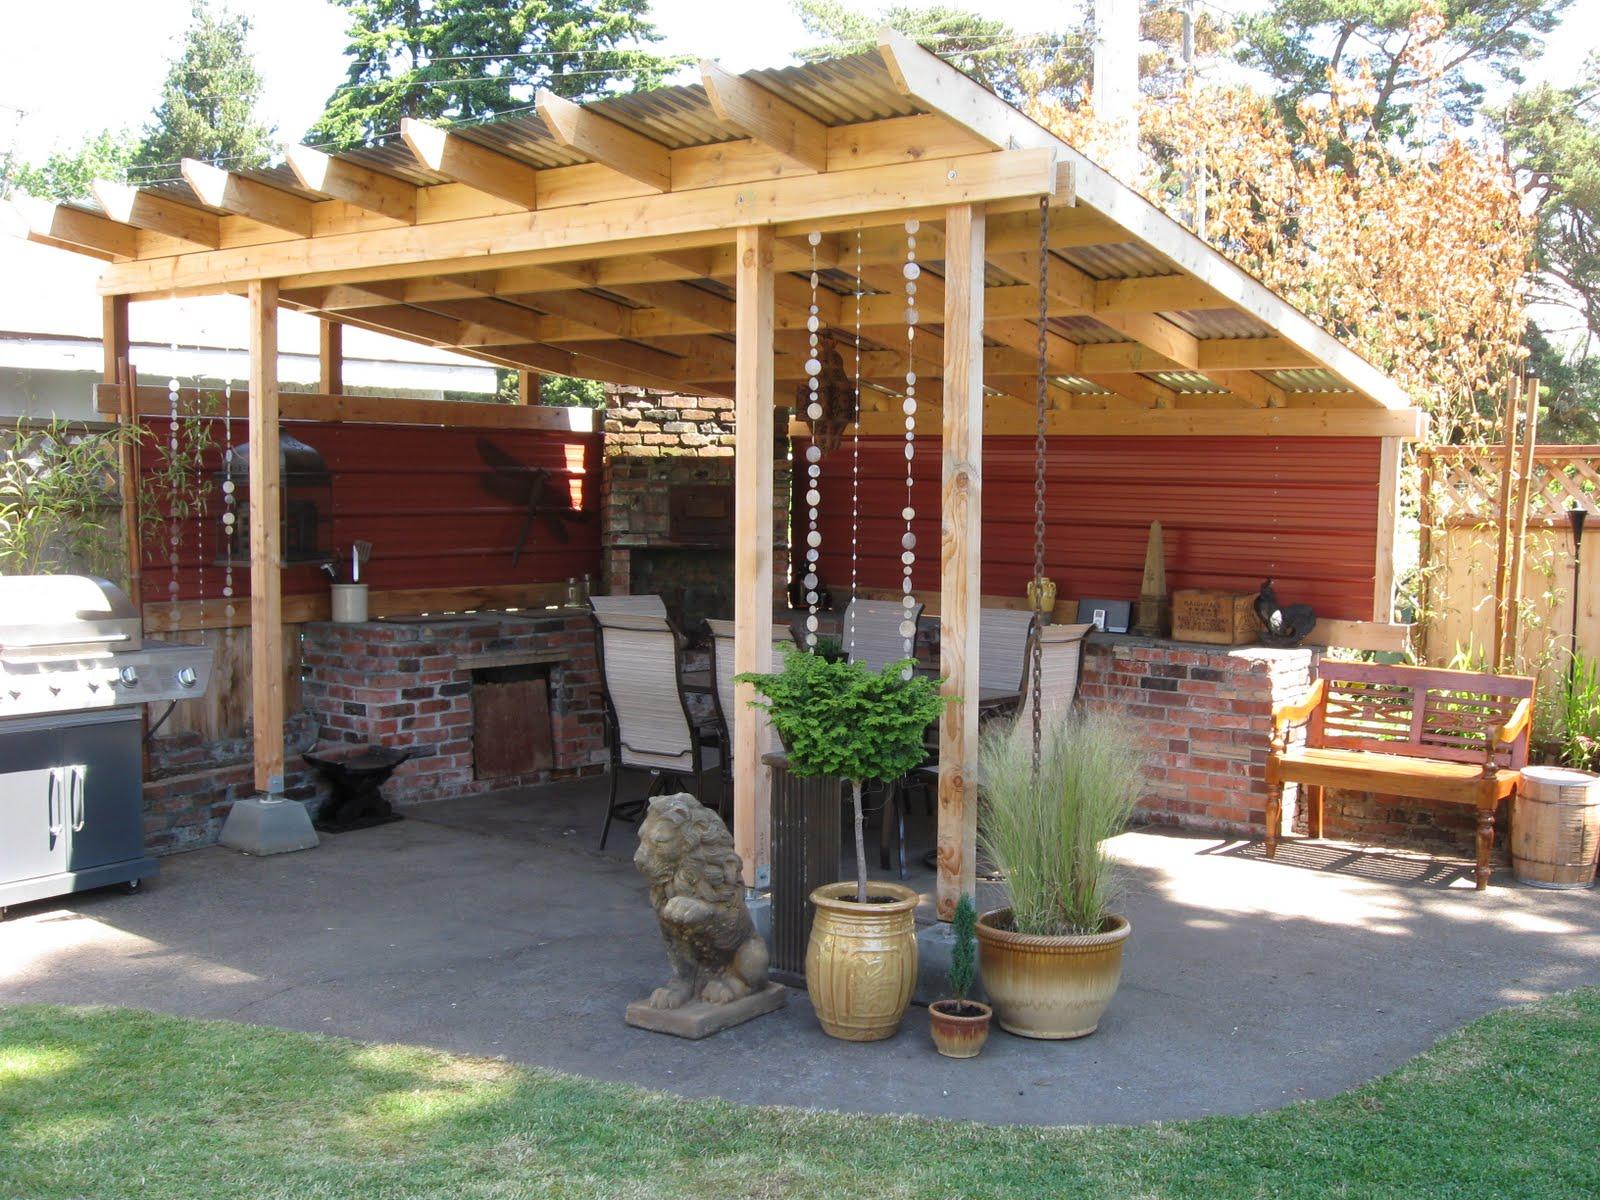 joanie u0027s in the garden seattle tilth u0027s chicken coop urban farm tour